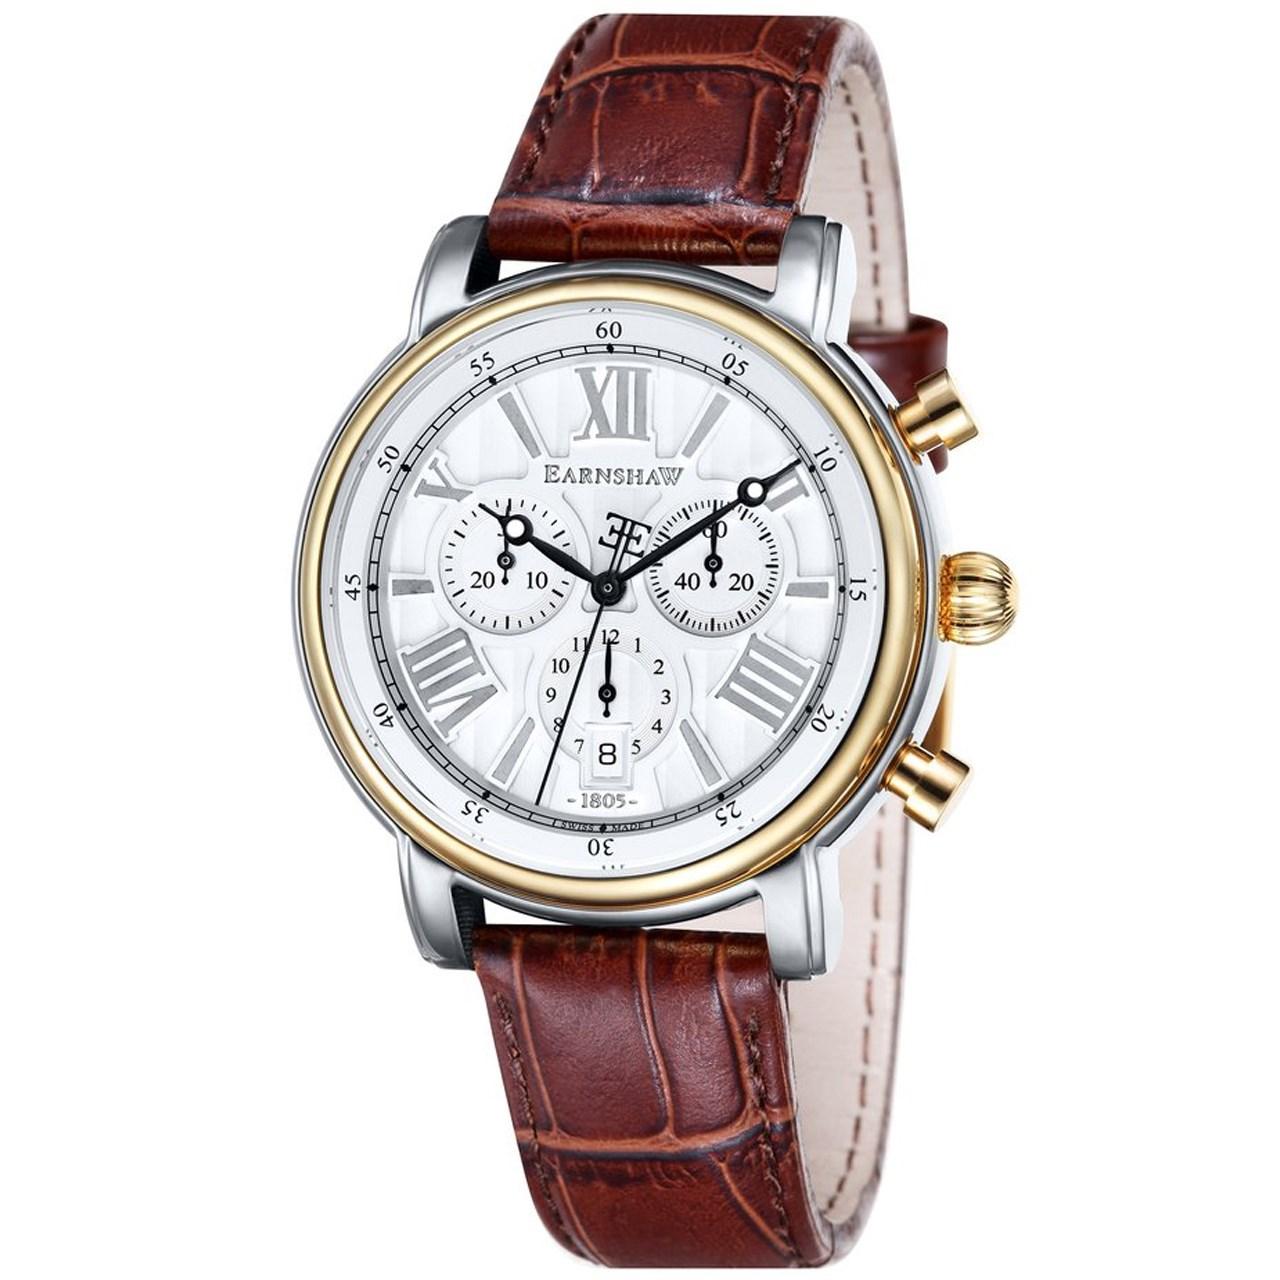 ساعت مچی عقربه ای مردانه ارنشا مدل ES-0016-05 12